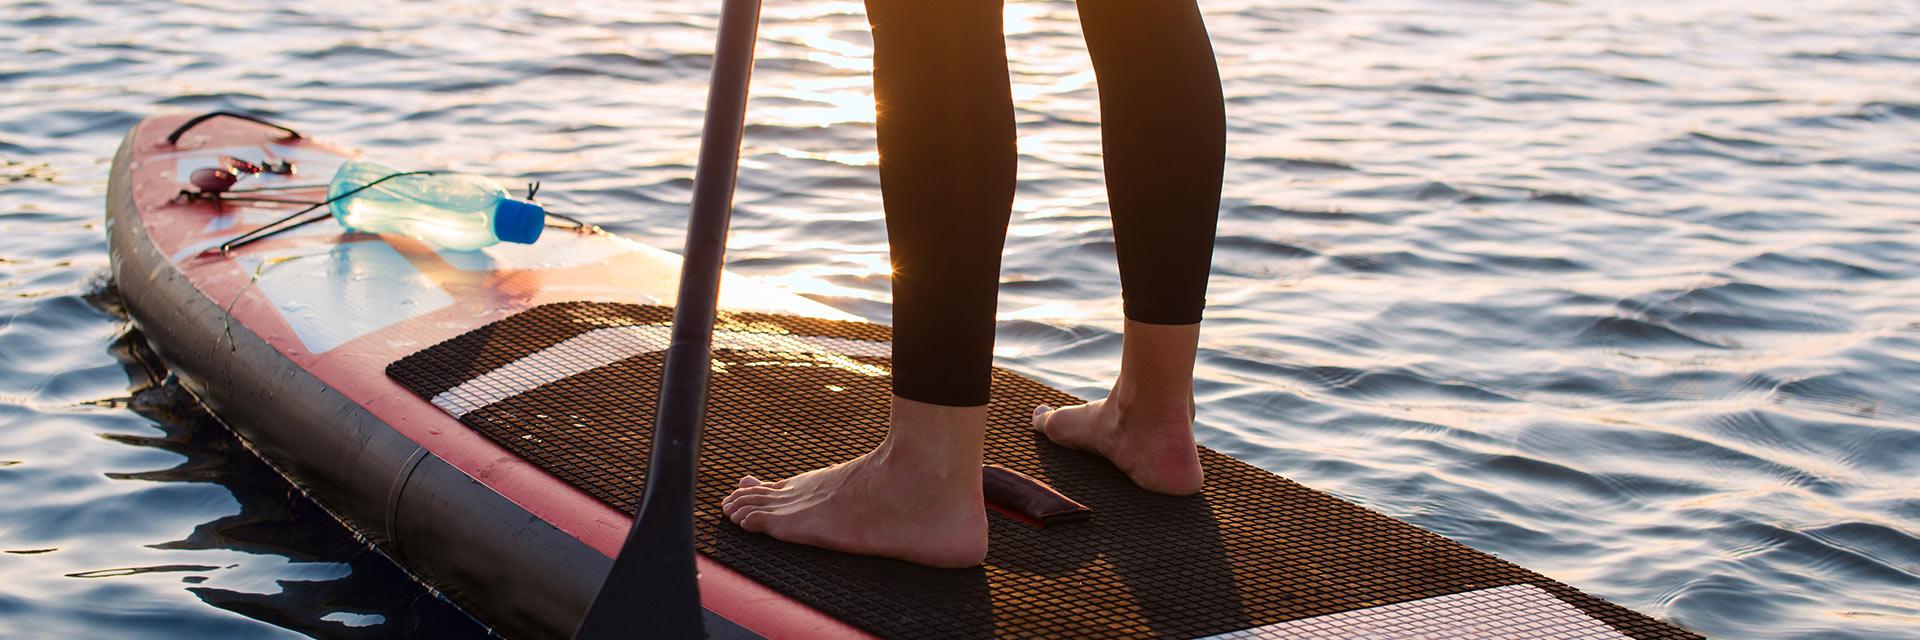 24h de Paddle pour une équipe Groupe DUBREUIL au Vendée Coeur !